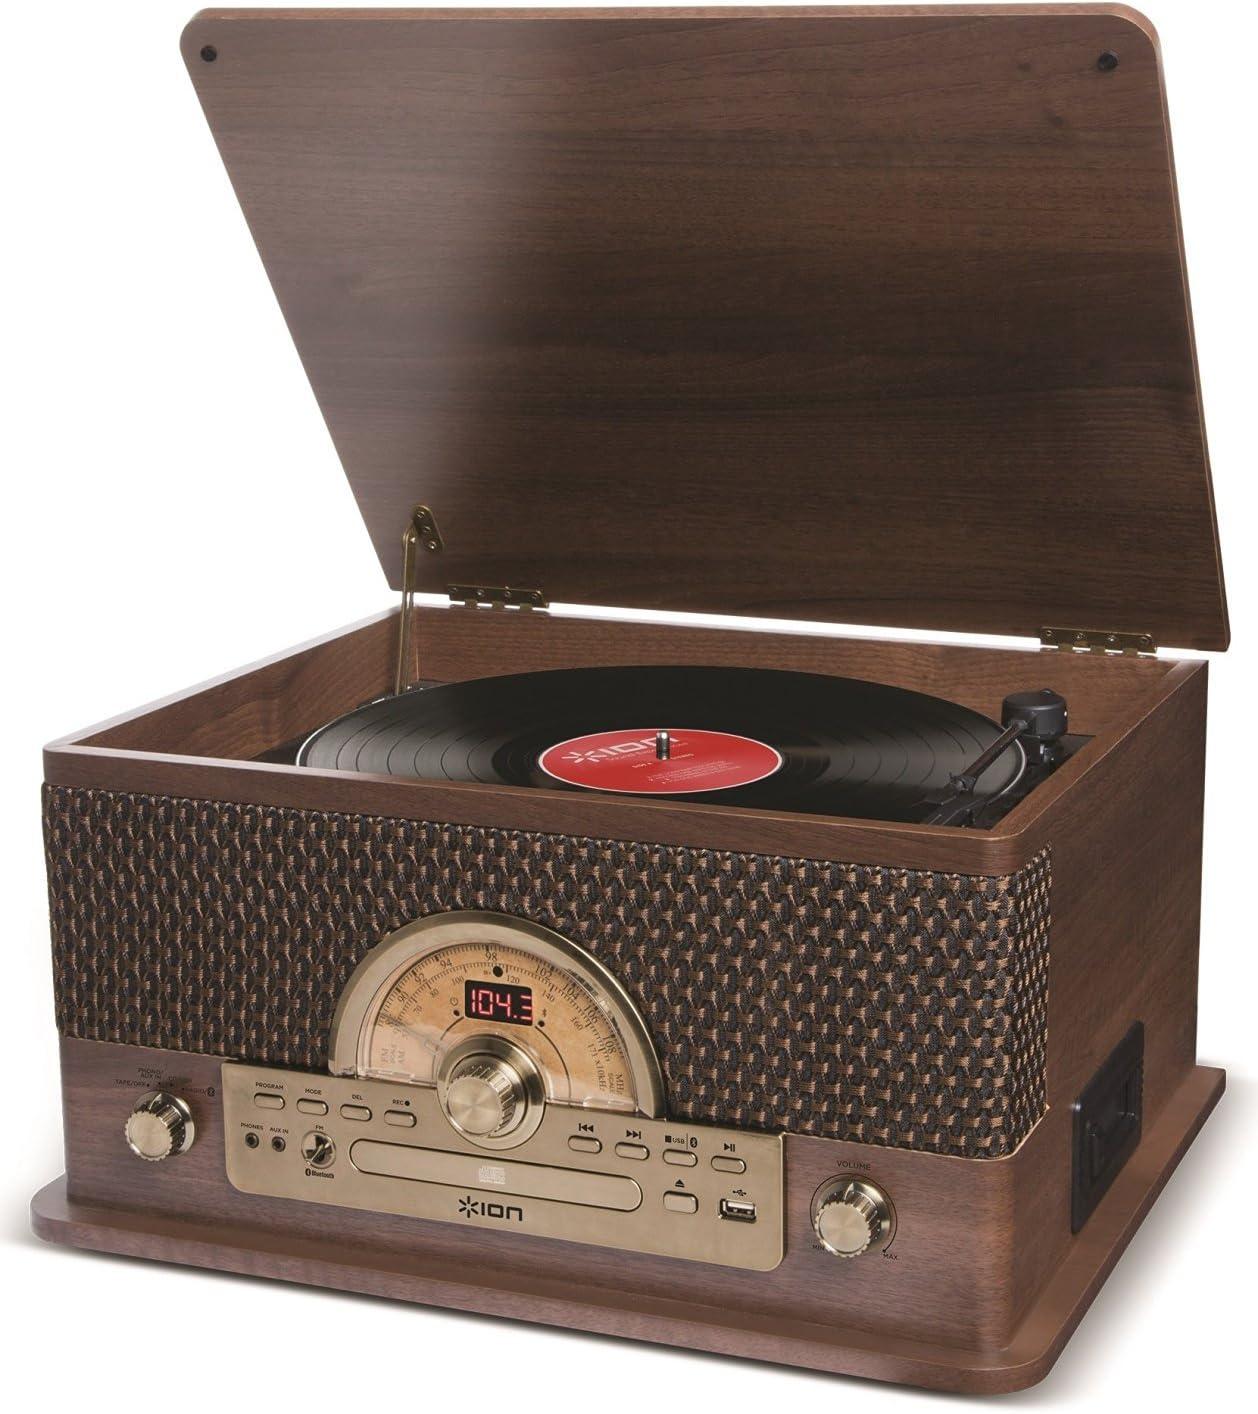 ION Audio Superior LP - Centro de Entretenimiento 7-en-1 con de Estilo Vintage con Altavoces Estéreo, Tocadiscos, Reproducción de Discos, CD, Cassettes y AM/FM Radio